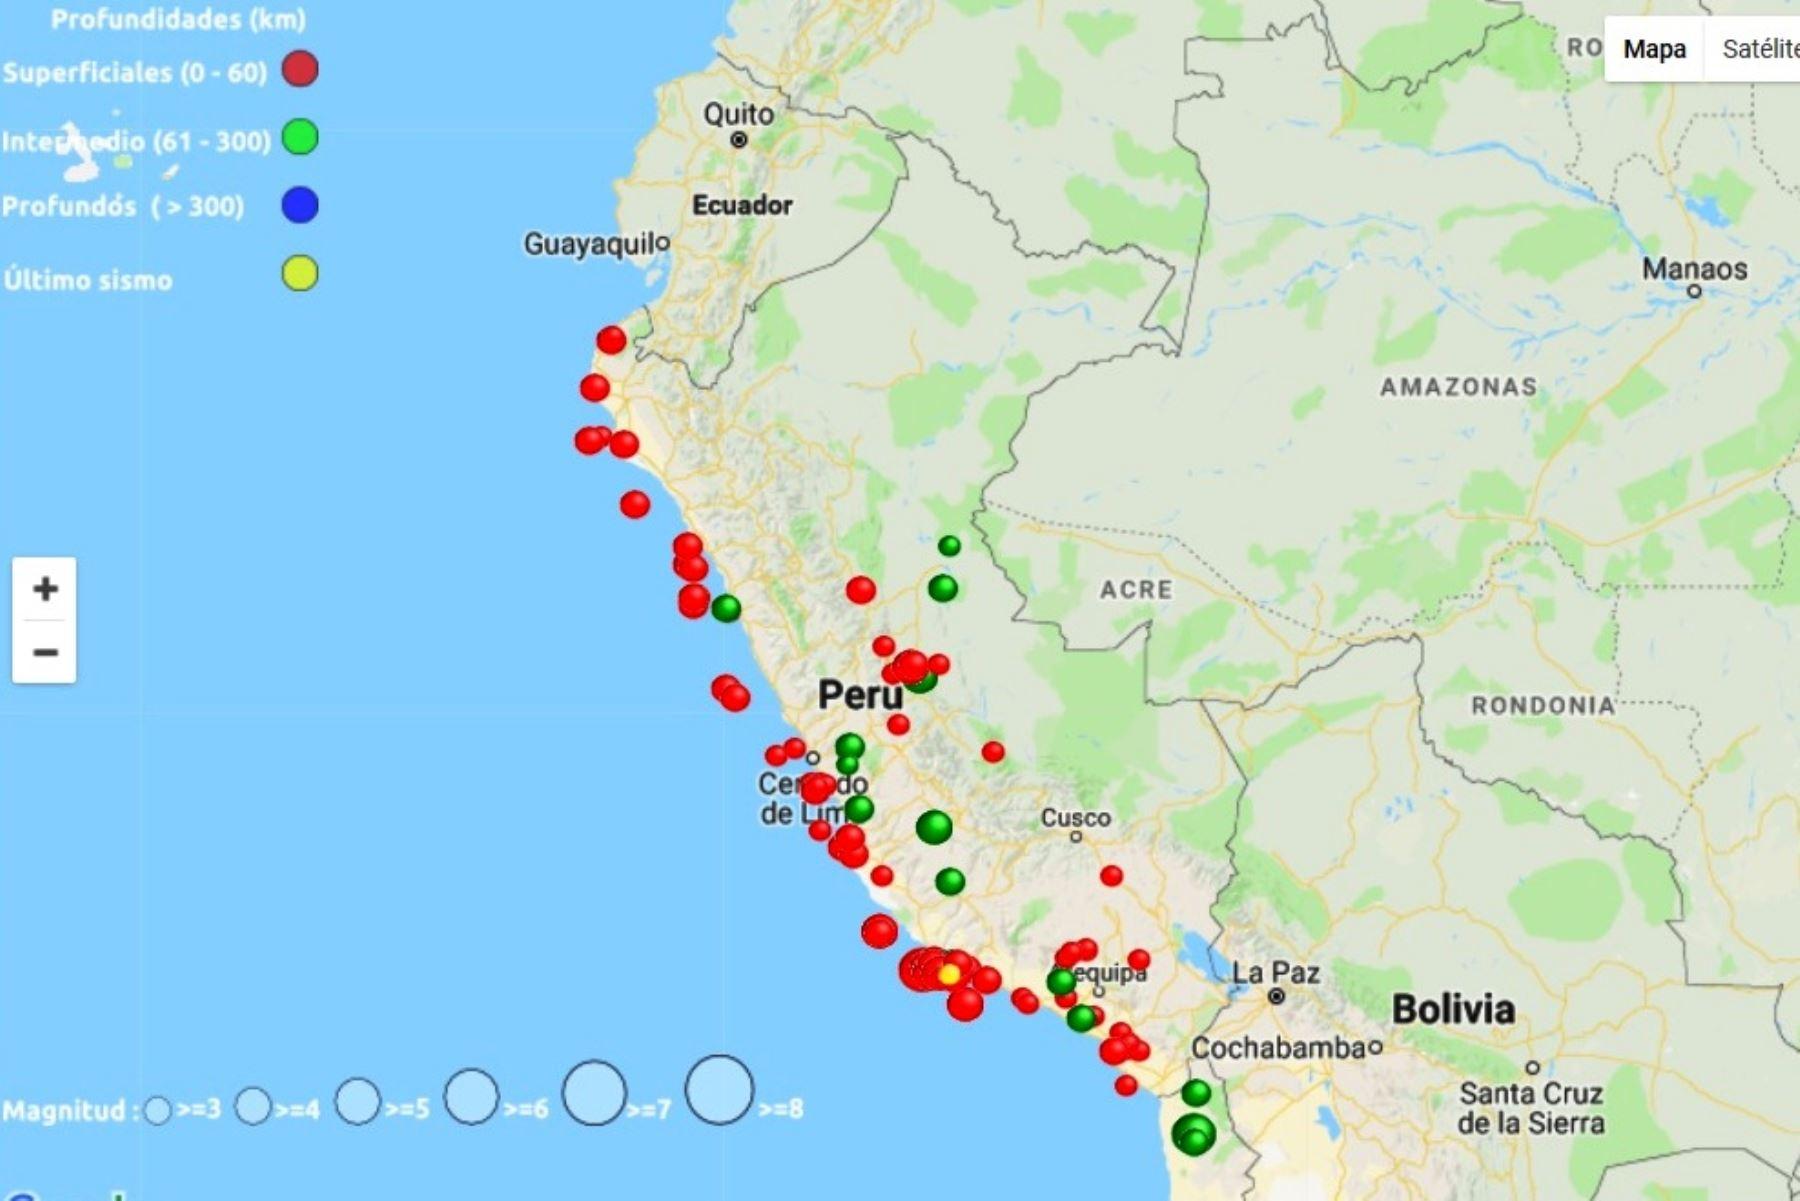 El Instituto Geofísico del Perú (IGP) informó que el mes de octubre reportó un total de 62 sismos, de los cuales 45 fueron percibidos por la población y ninguno generó daños a la integridad de las personas. La región del Cusco registró la mayor cantidad de eventos sísmicos, con 19 temblores. ANDINA/Difusión